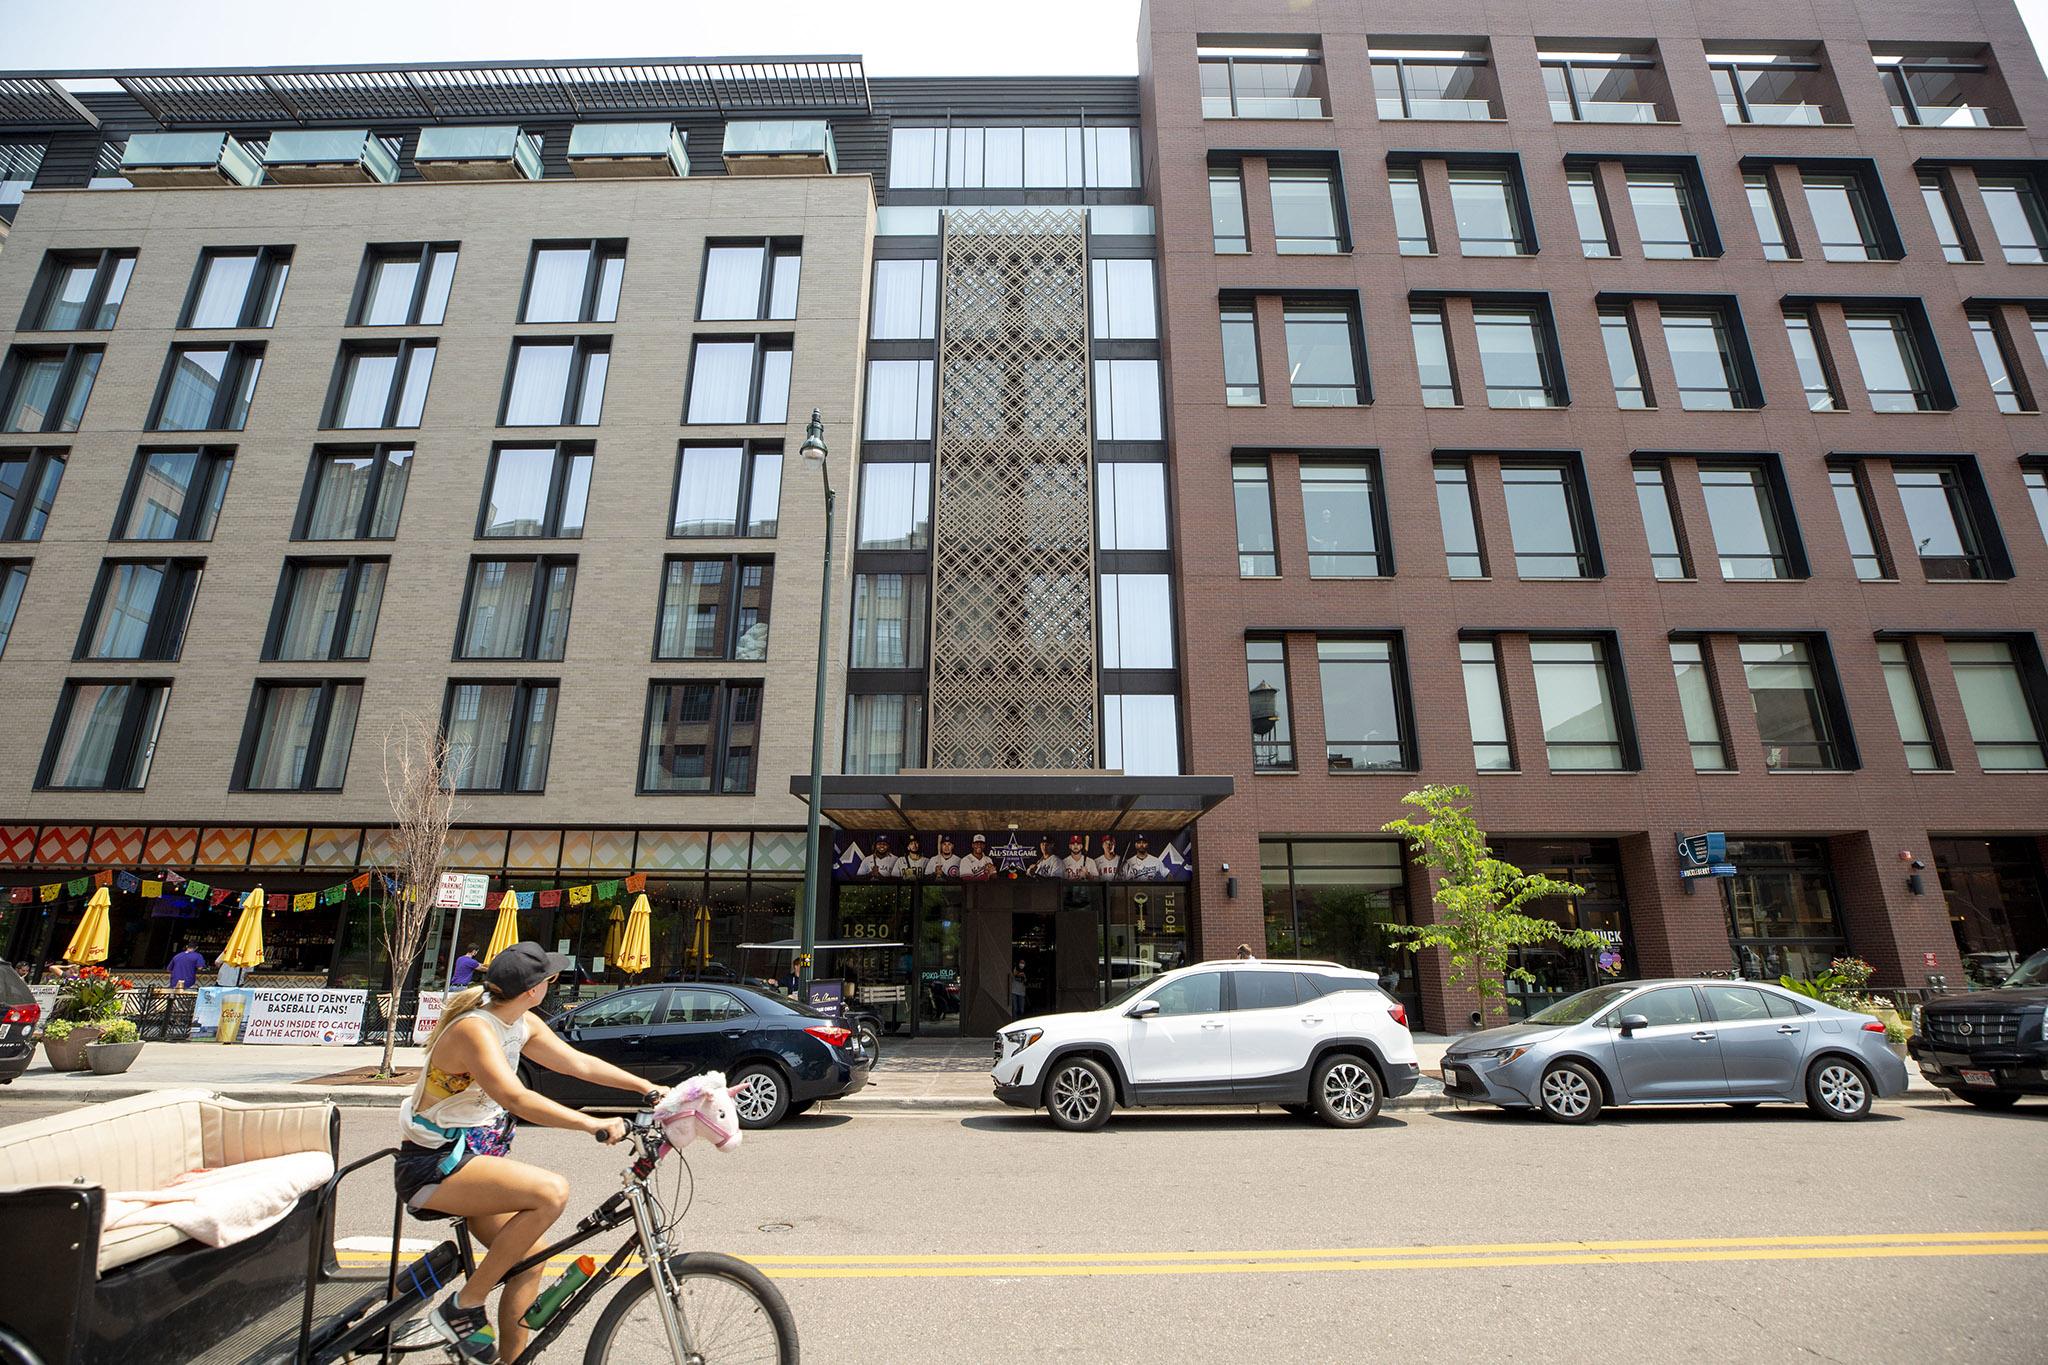 The Maven Hotel  on Wazee Street in LoDo. July 12, 2021.